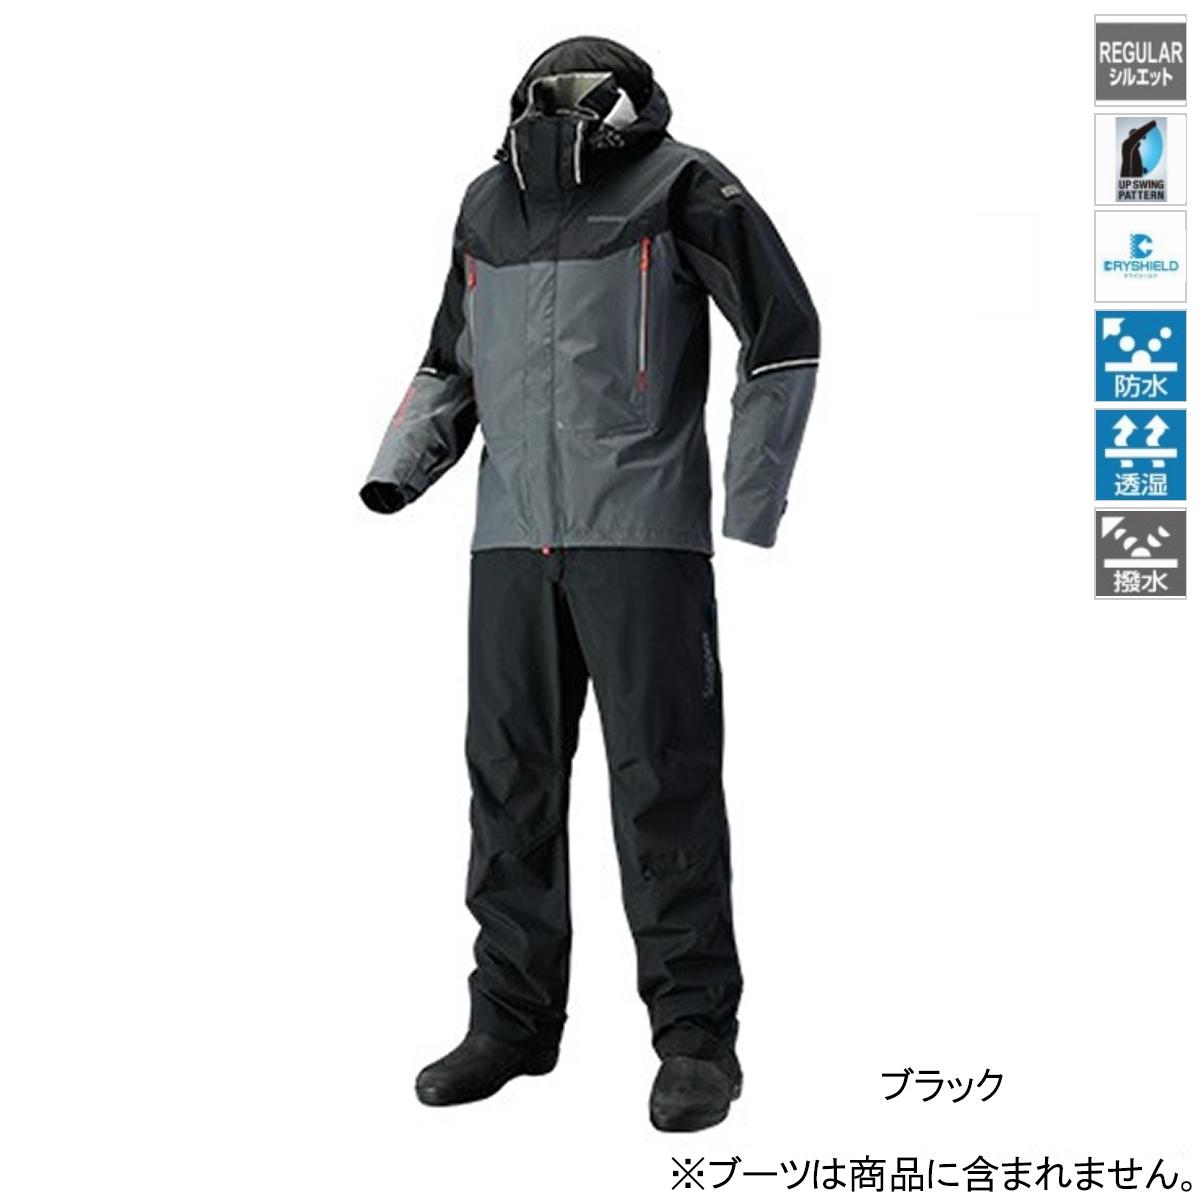 DSアドバンススーツ RA-025S M ブラック シマノ